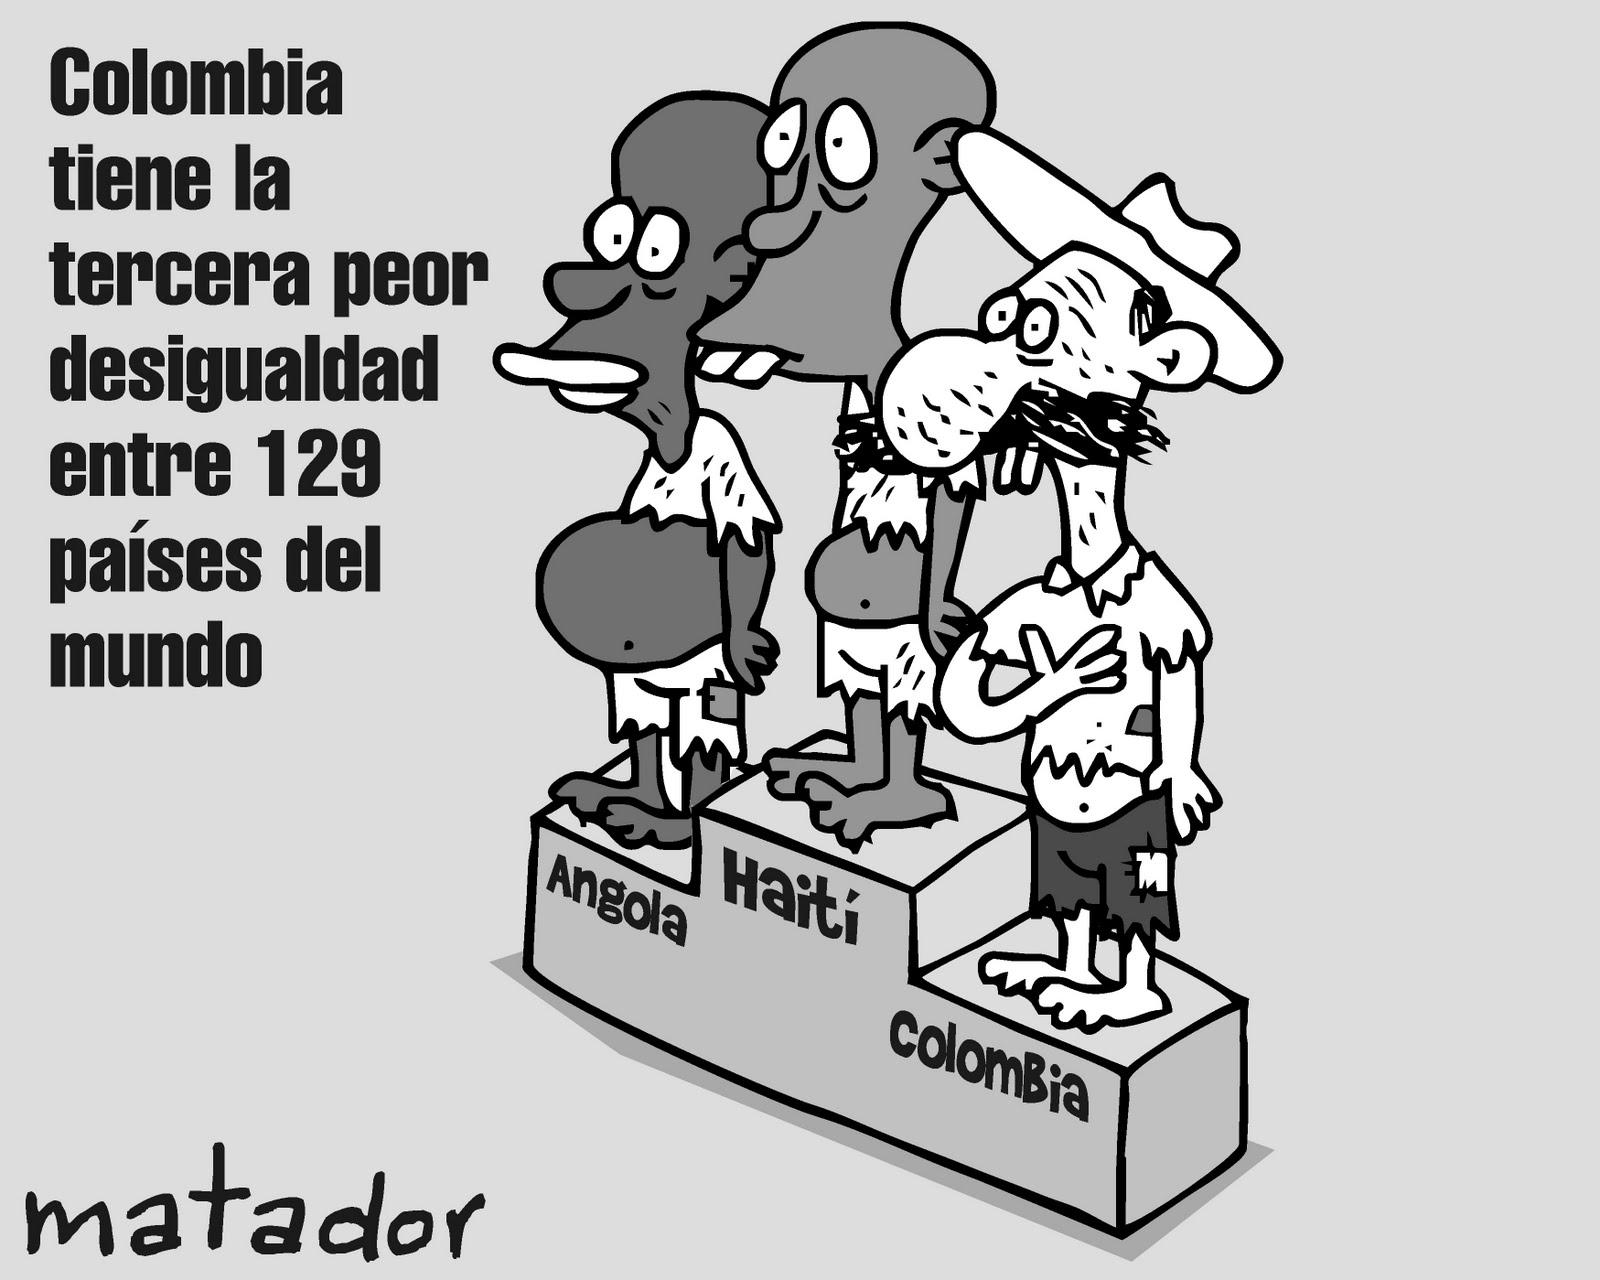 Noviembre 03 El Tiempo B - Oh, sorpresa: Colombia es el país más desigual de América Latina